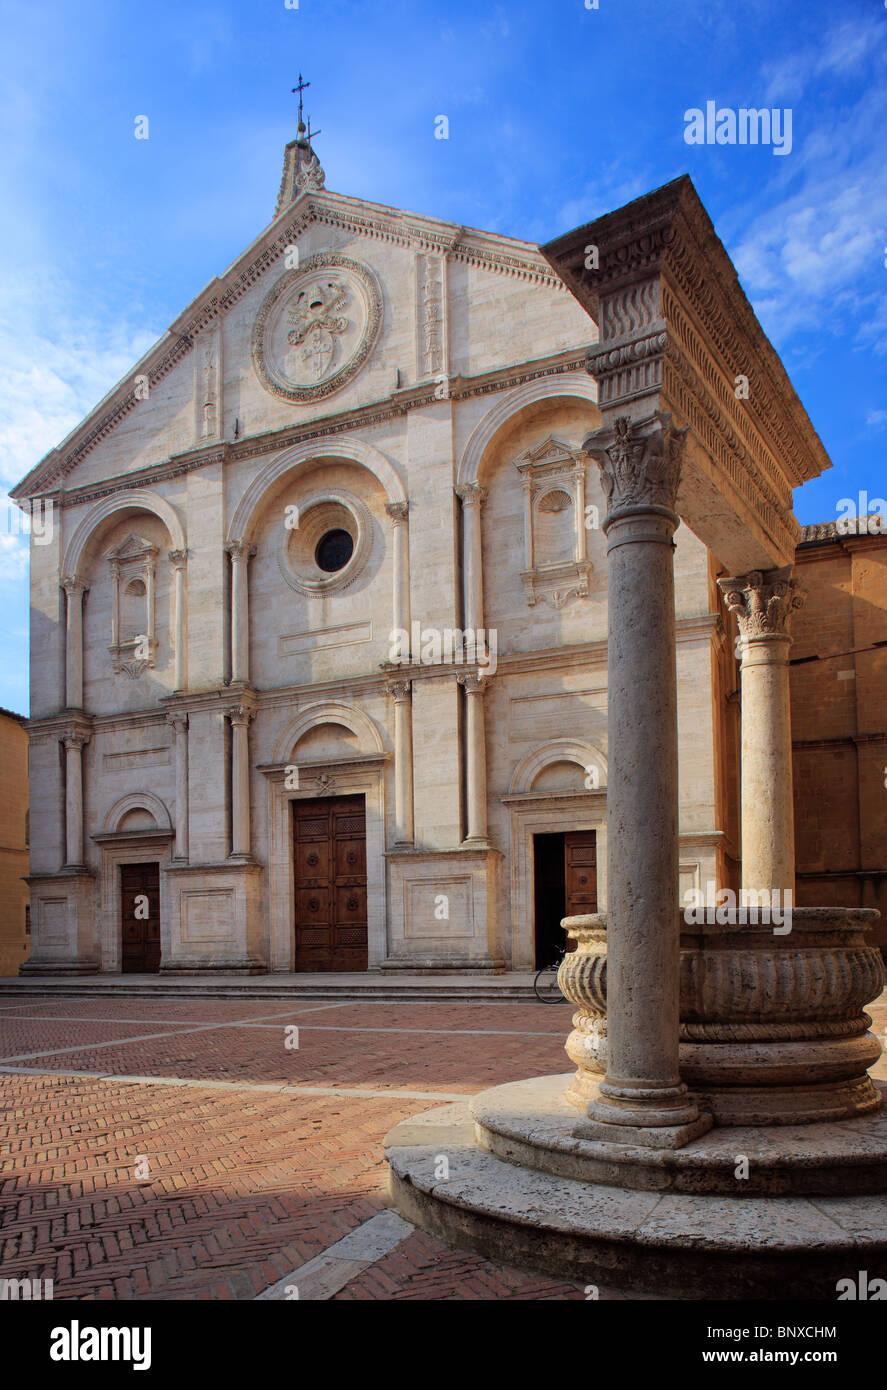 Duomo e piazza a Pienza, Toscana Immagini Stock